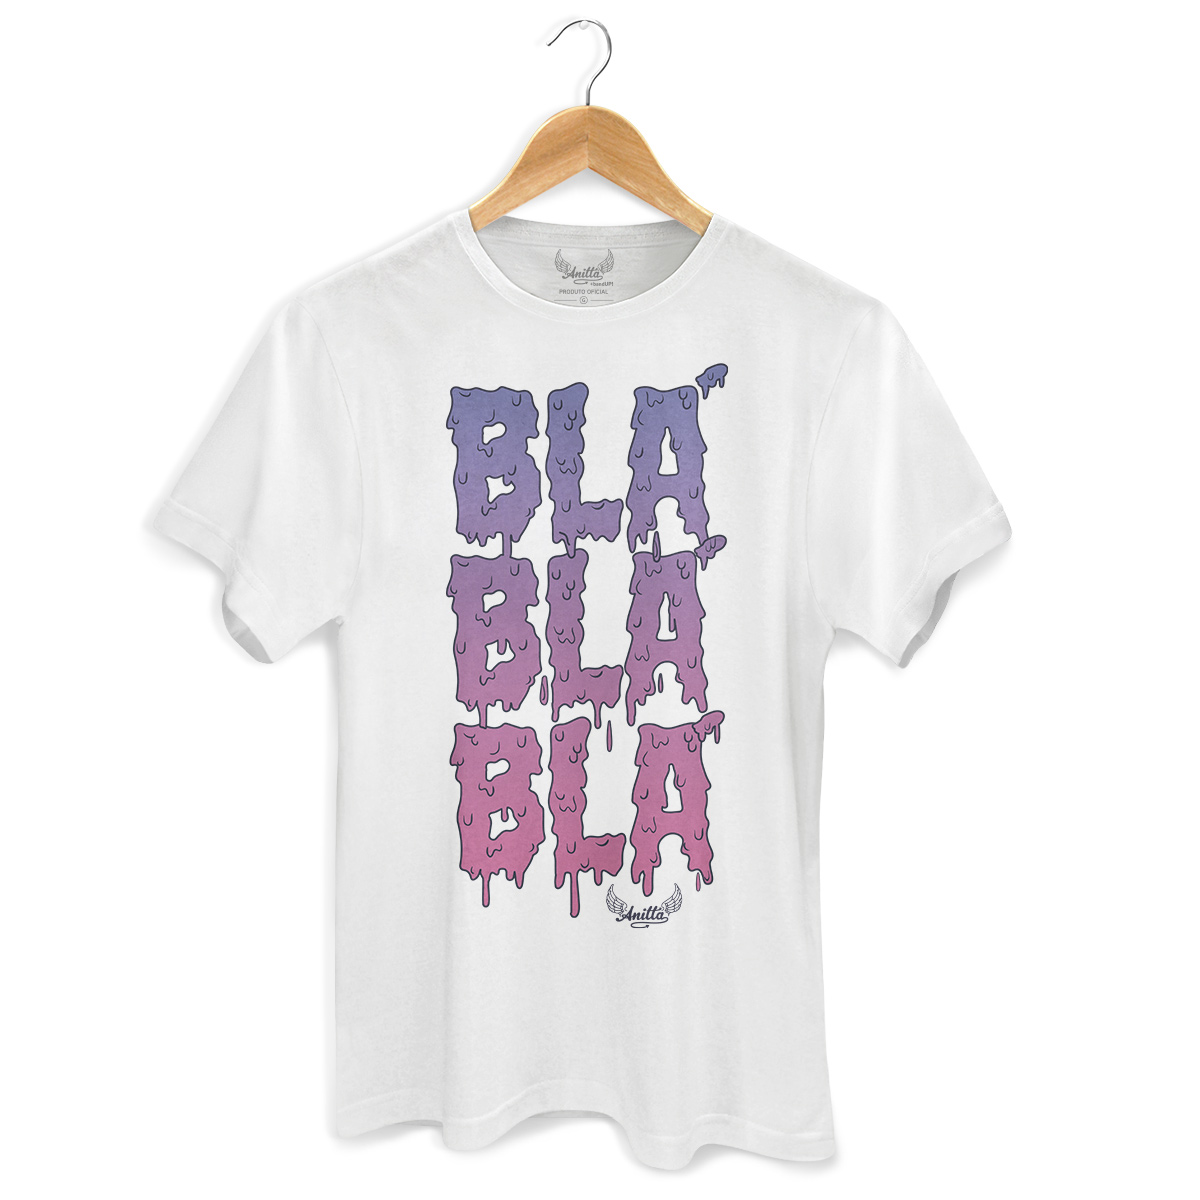 Camiseta Masculina Anitta Blá Blá Blá